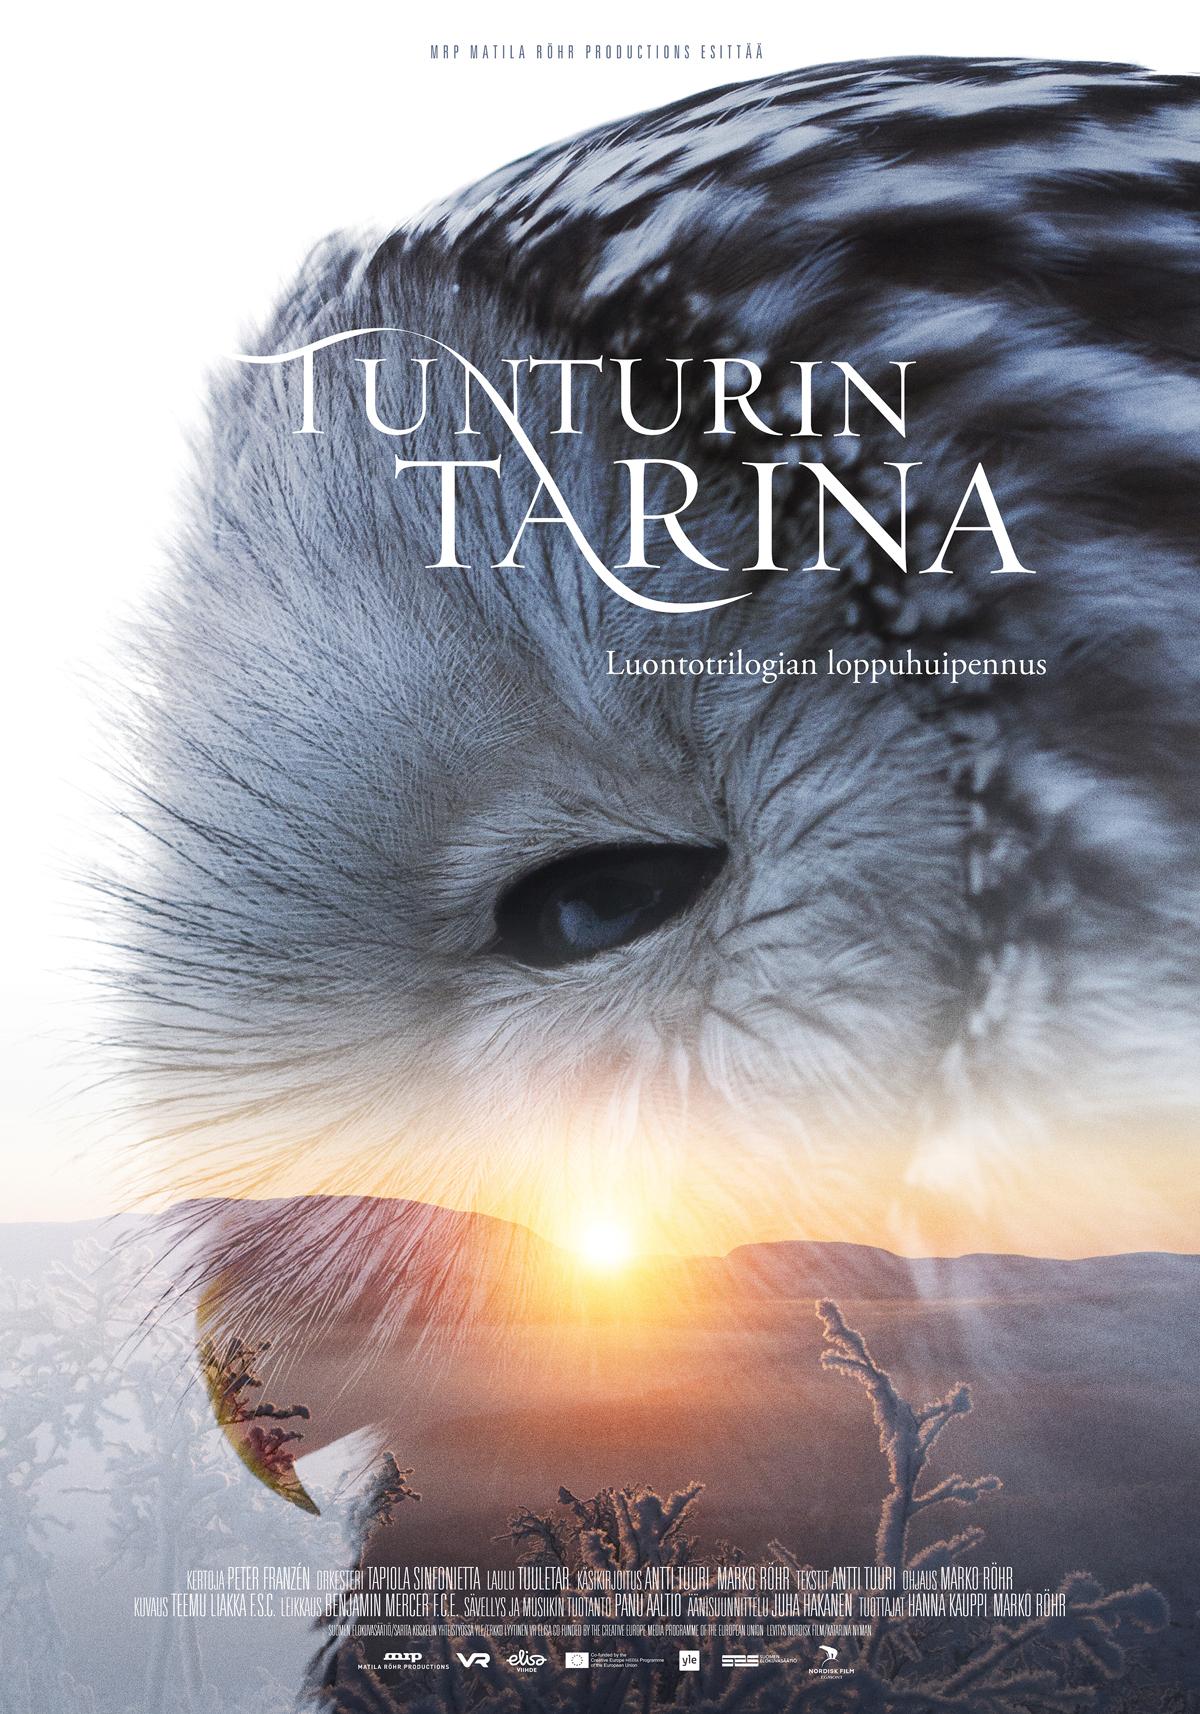 Tunturin tarina - pikkujoulut - Savon Kinot